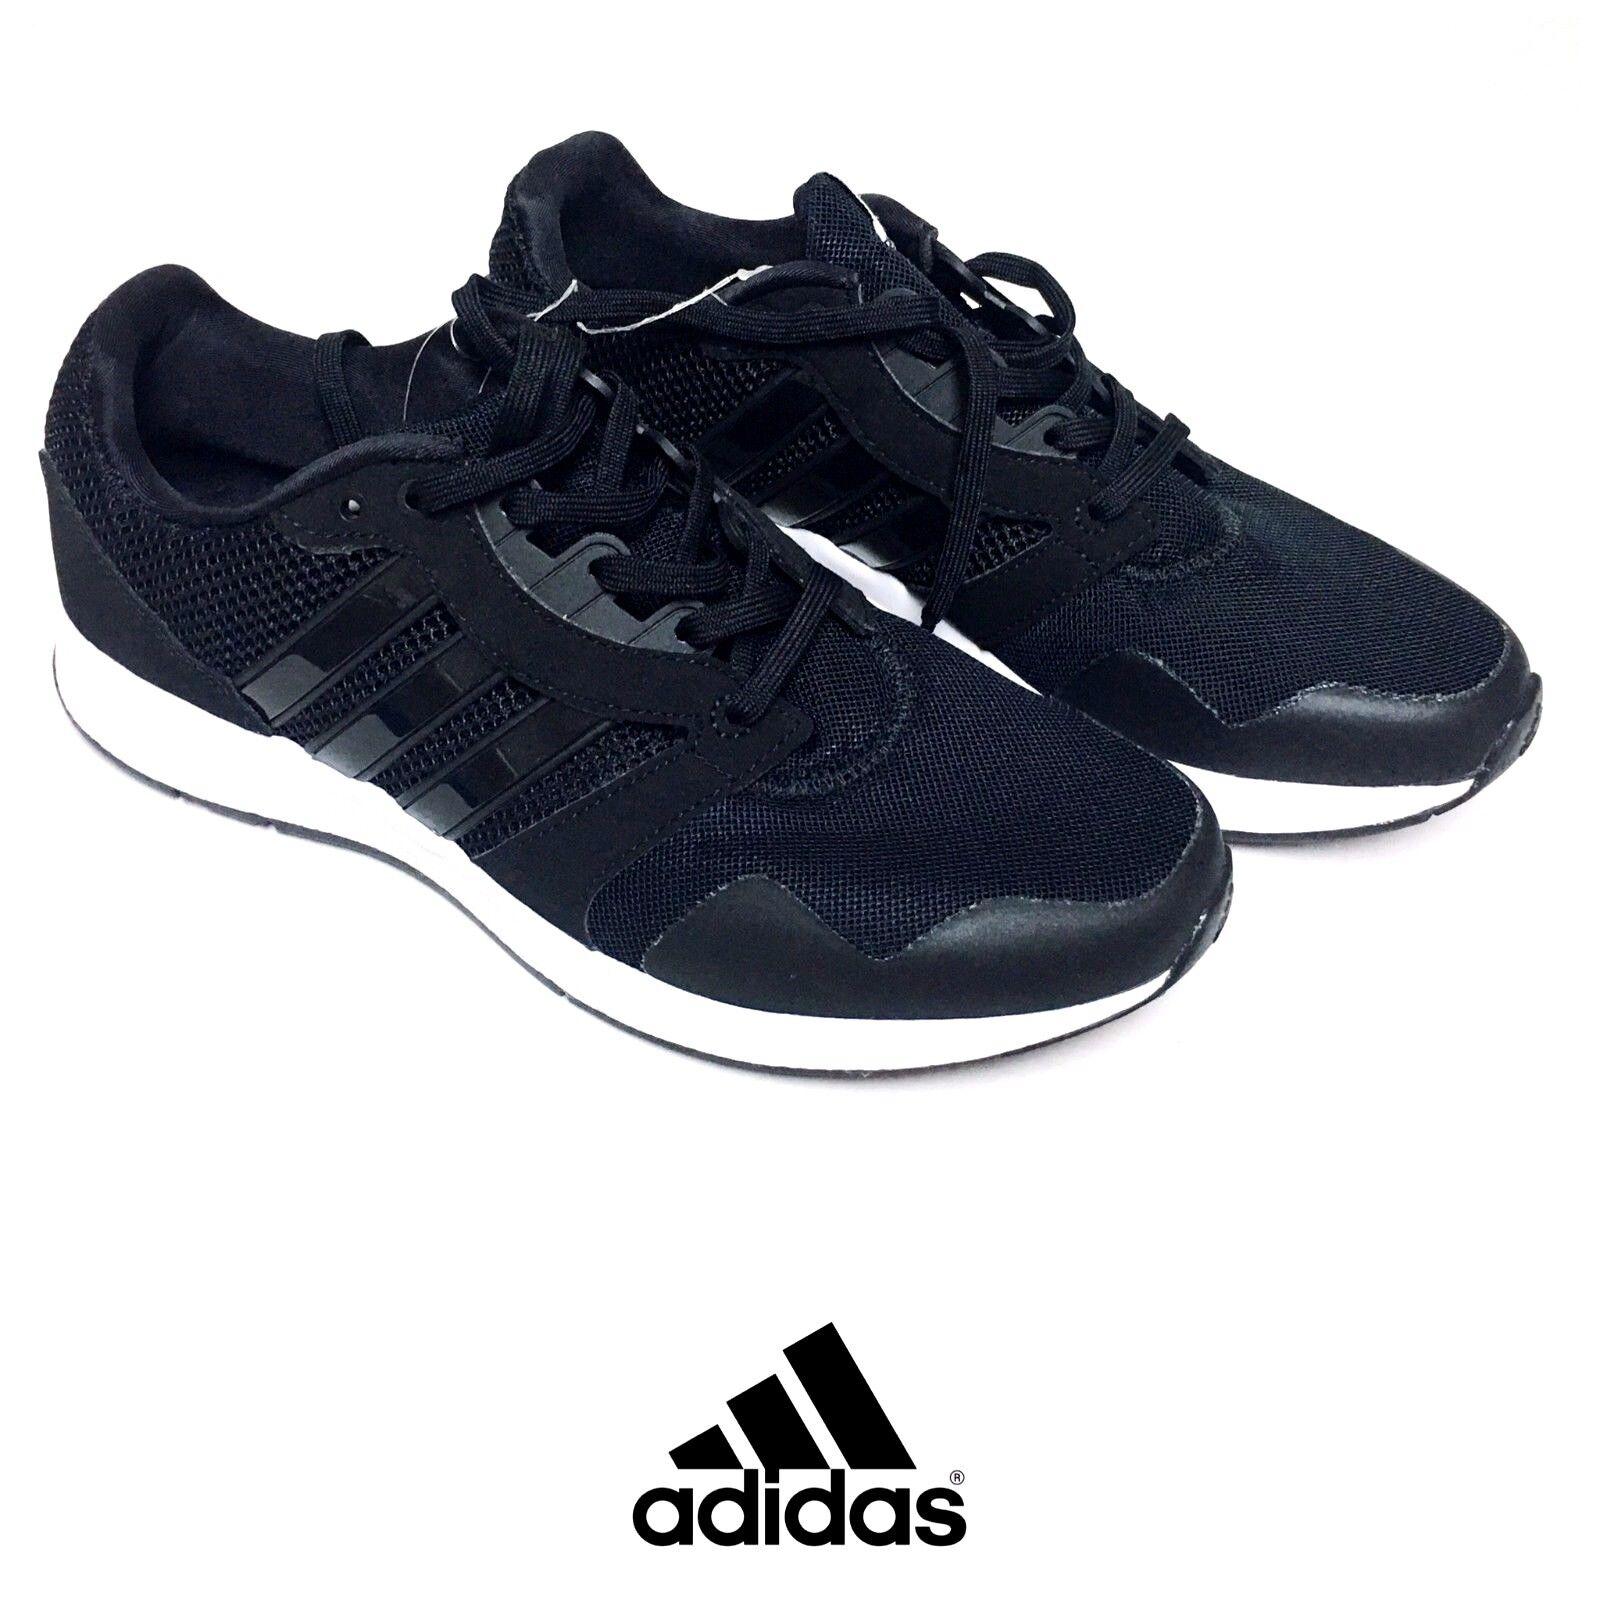 Adidas uomini delle attrezzature di 16 m, scarpe nero da corsa noi 8,5, nero scarpe la libera navigazione a6 c3420d